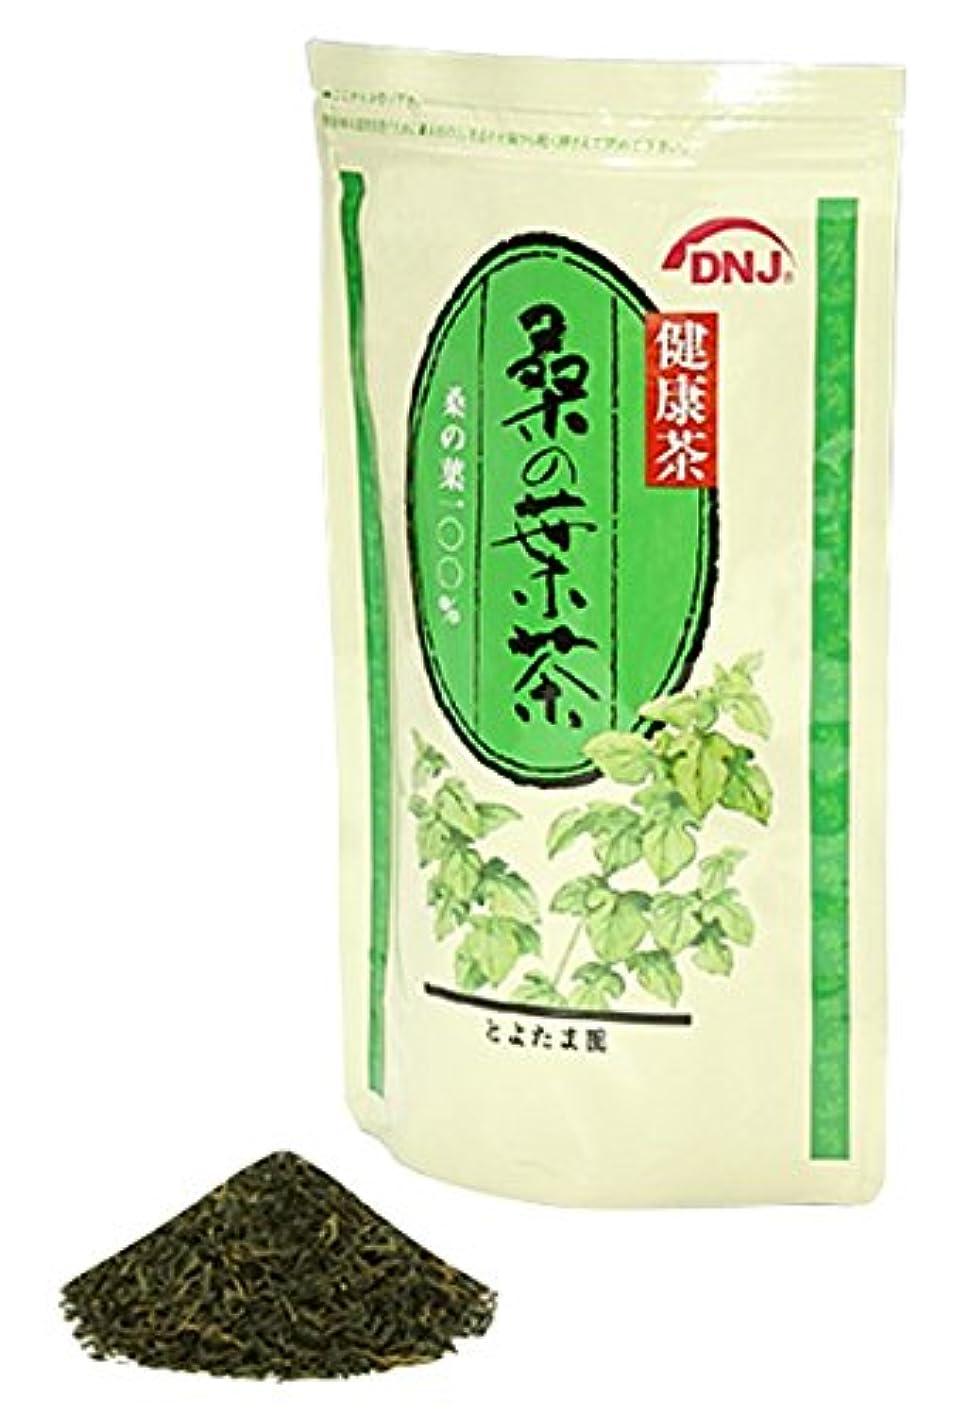 トピックナチュラ植物のトヨタマ(TOYOTAMA) 国産健康茶 桑の葉茶 90g 01096195